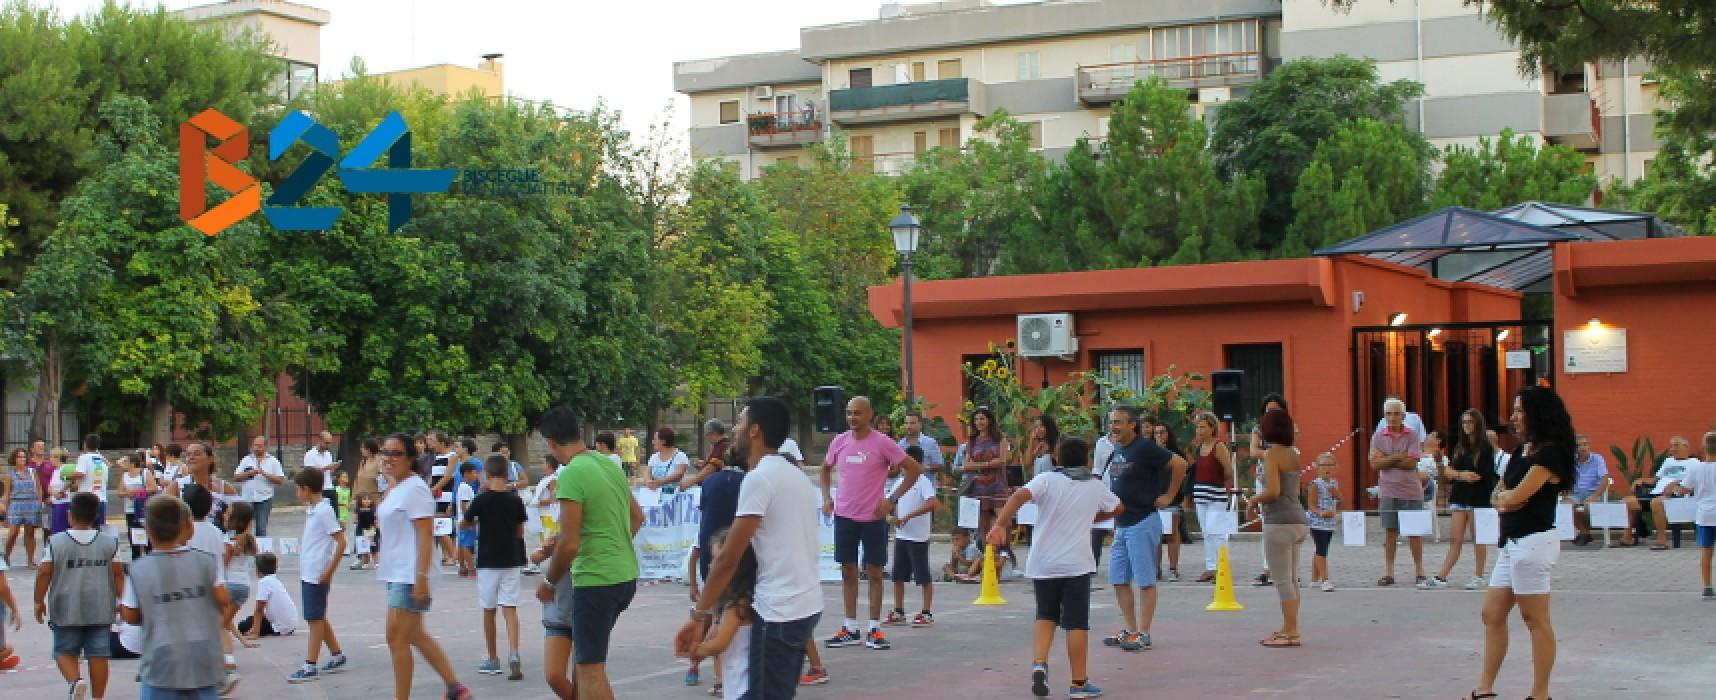 """Parco """"Caduti di Nassyria"""", bilancio positivo dell'Anc: """"Ridata dignità al parco, ampio spazio ai ragazzi"""""""